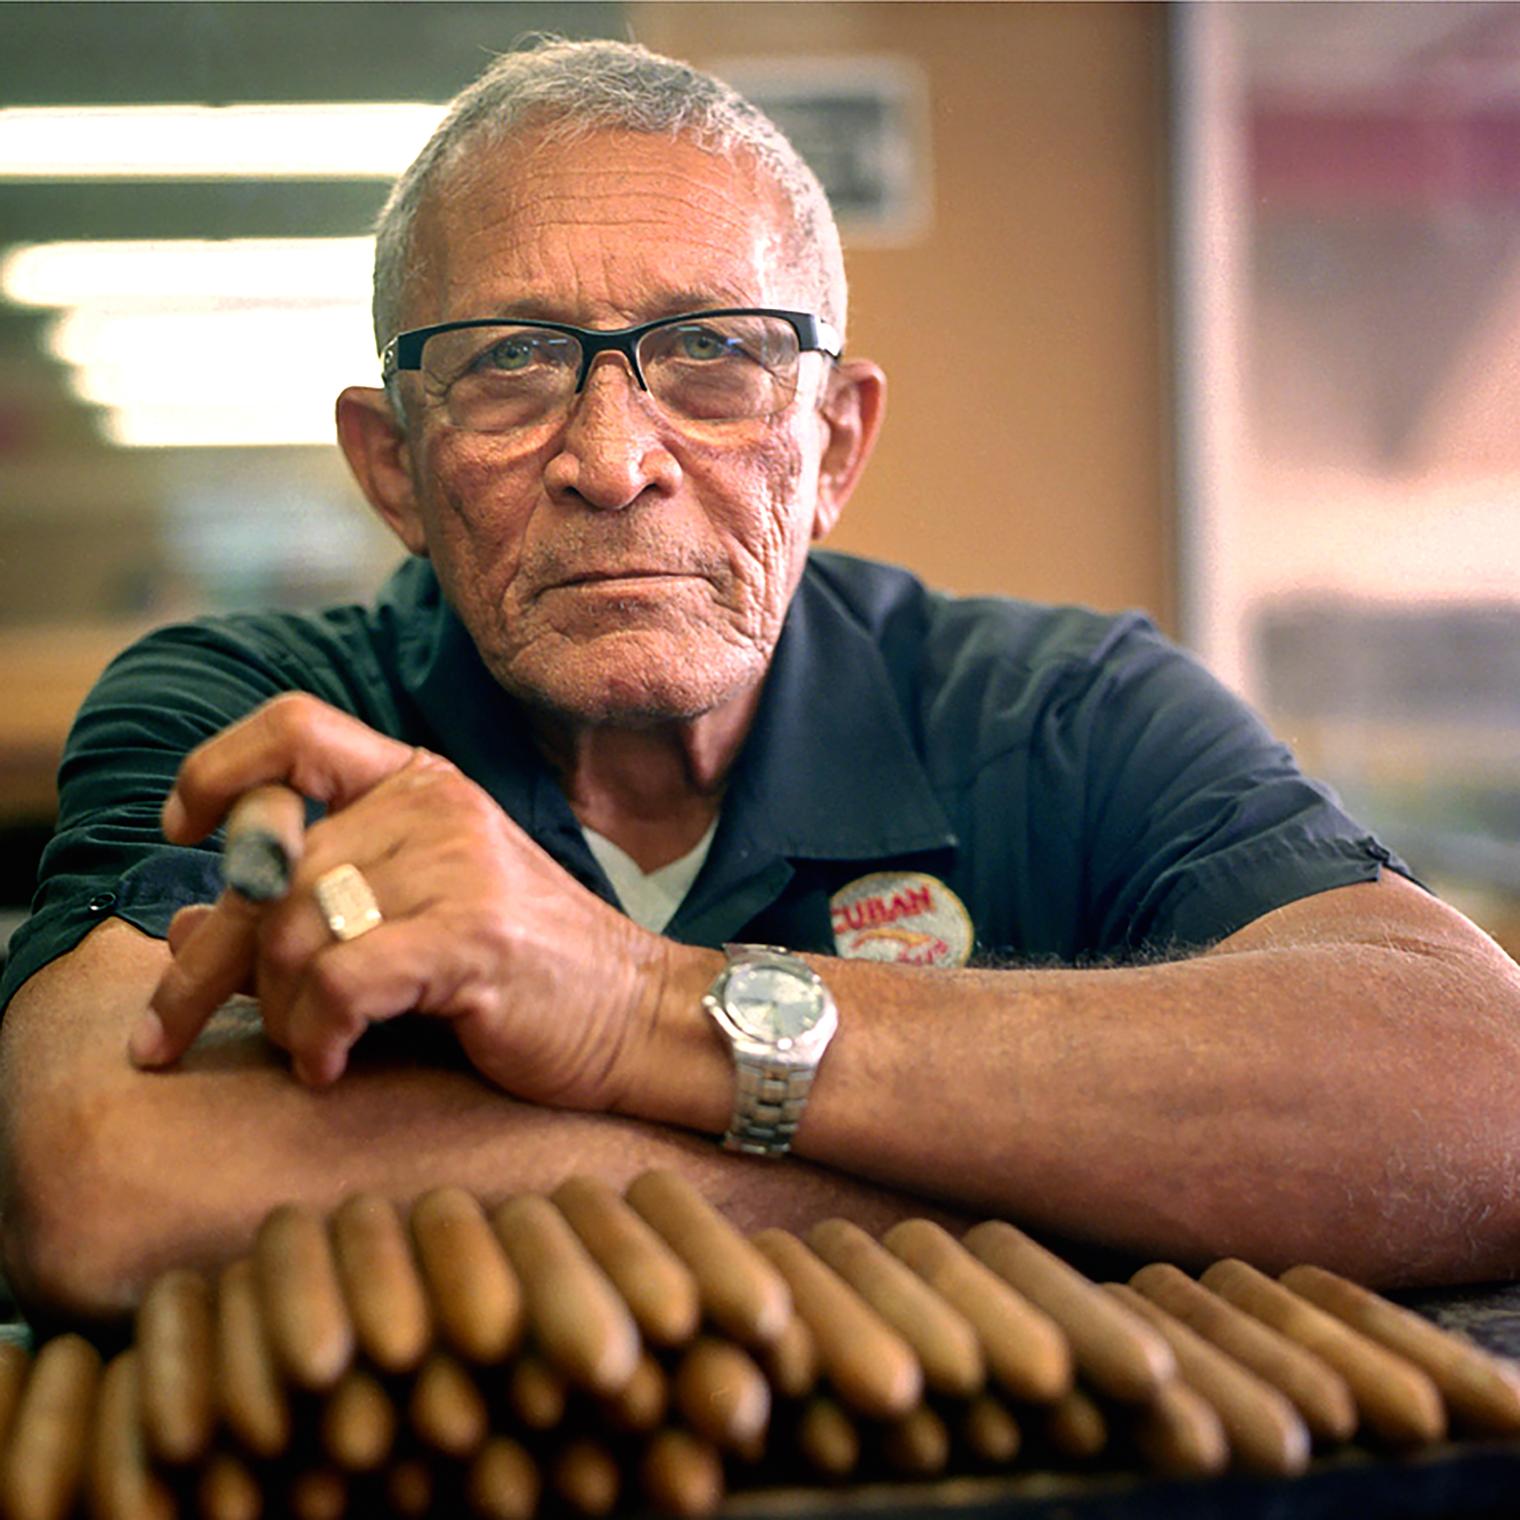 cigar_1.jpg